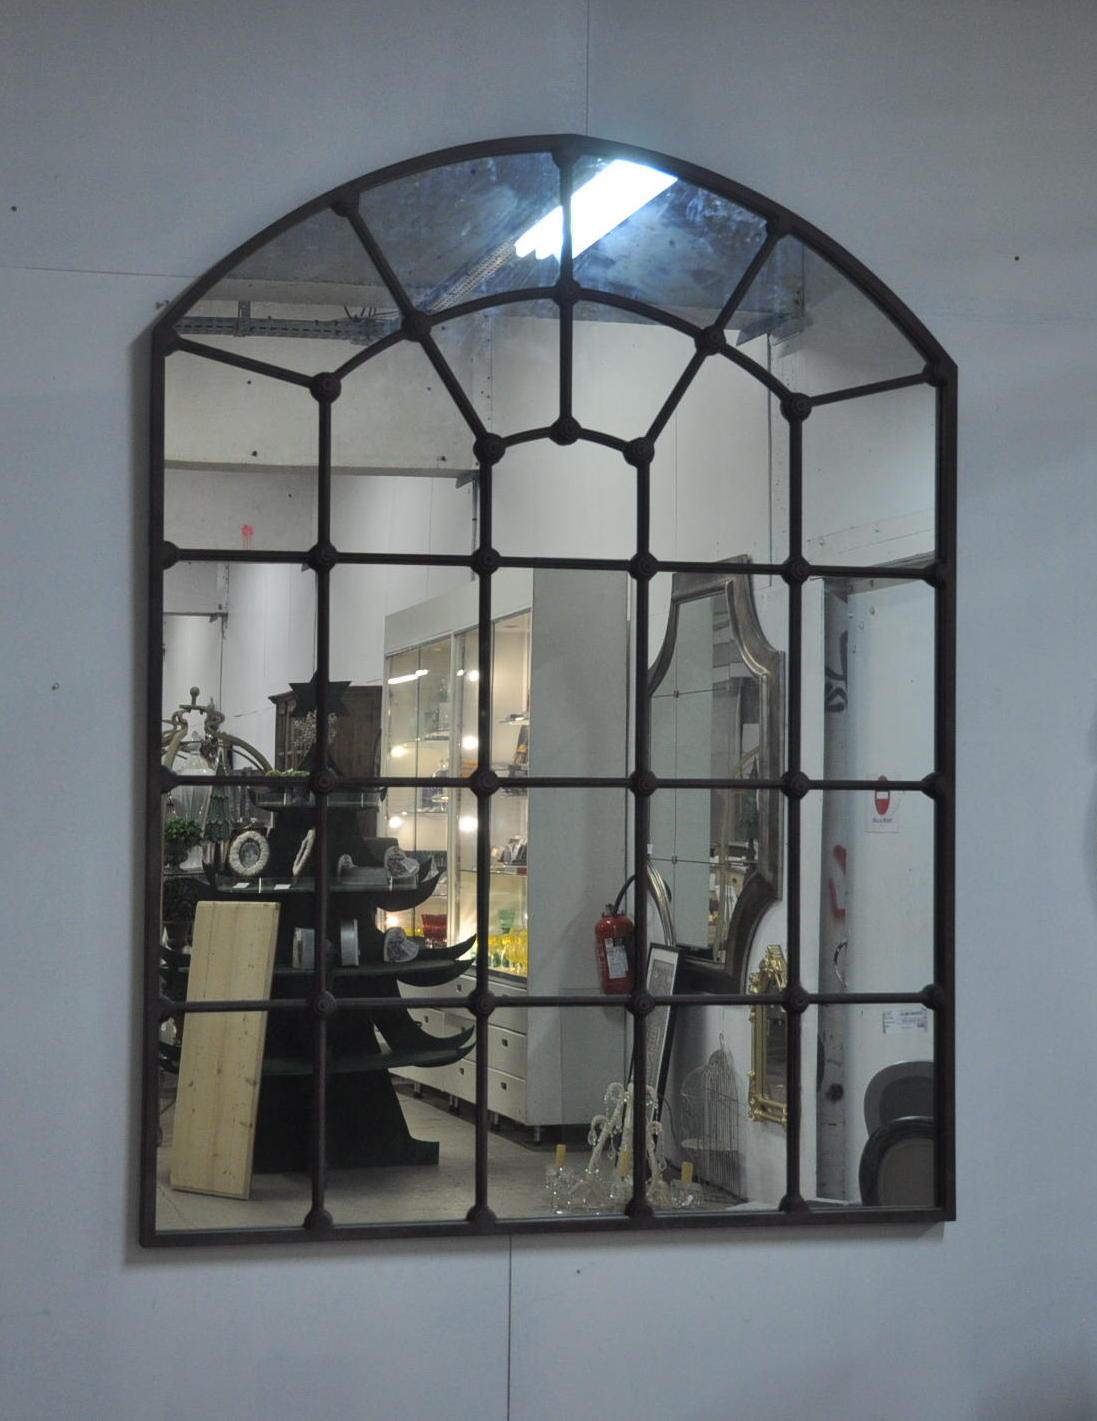 Grand Miroir D Entrée grand miroir atelier en métal de style industriel 140x180 cm